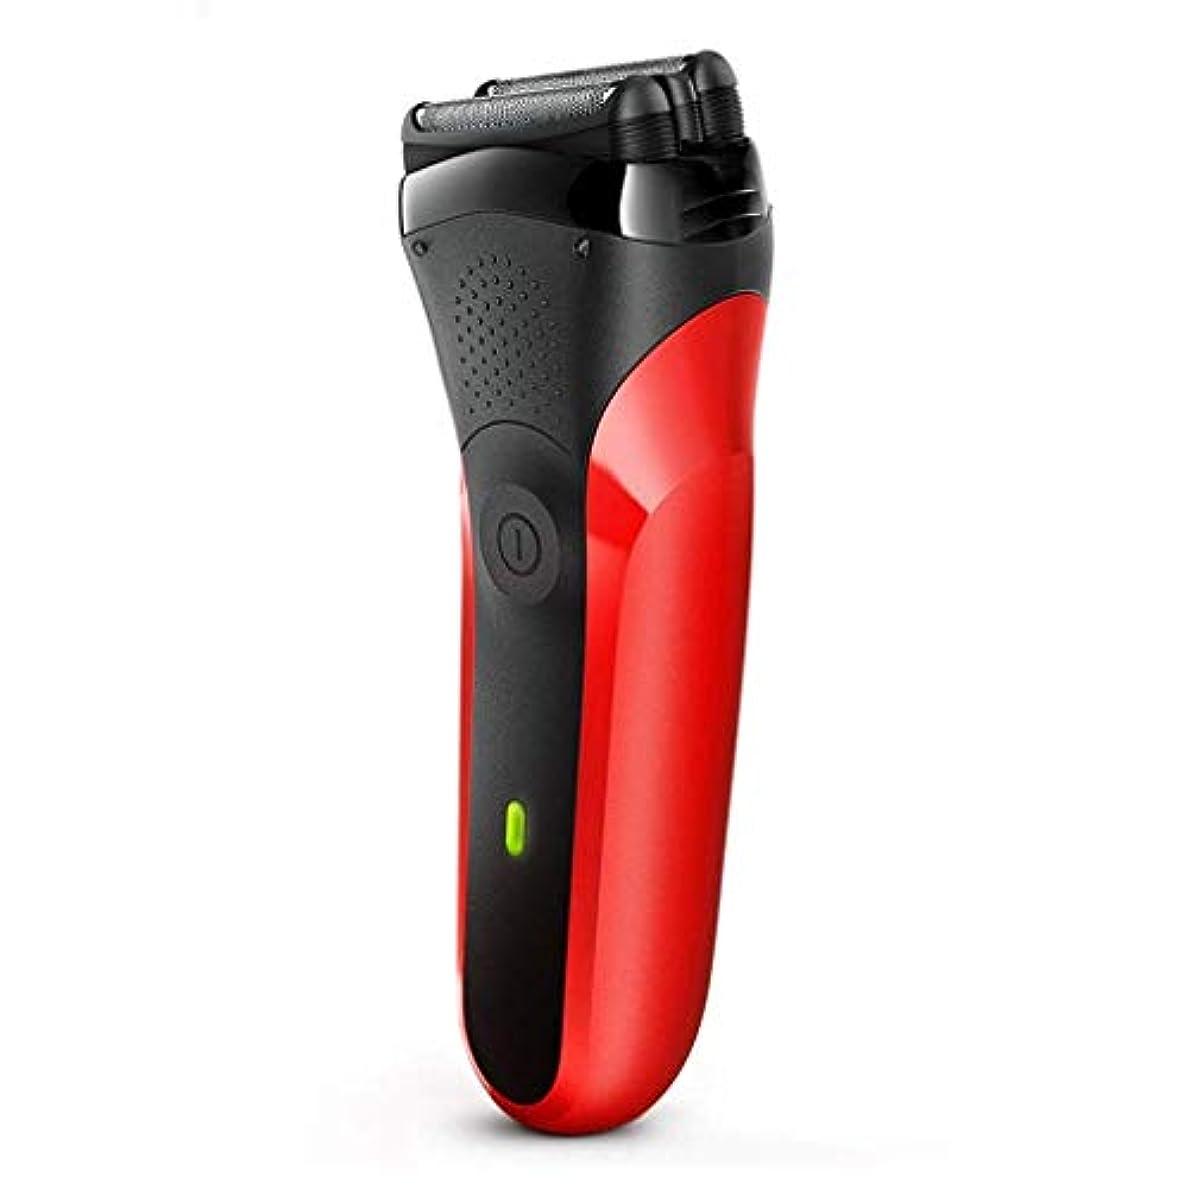 測る気楽なセクションBEIHUAN 男性用電気シェーバーカミソリ、ボディウォッシュを充電する充電式電気シェーバーウェットとドライメンズシェービング、シェーバースマート